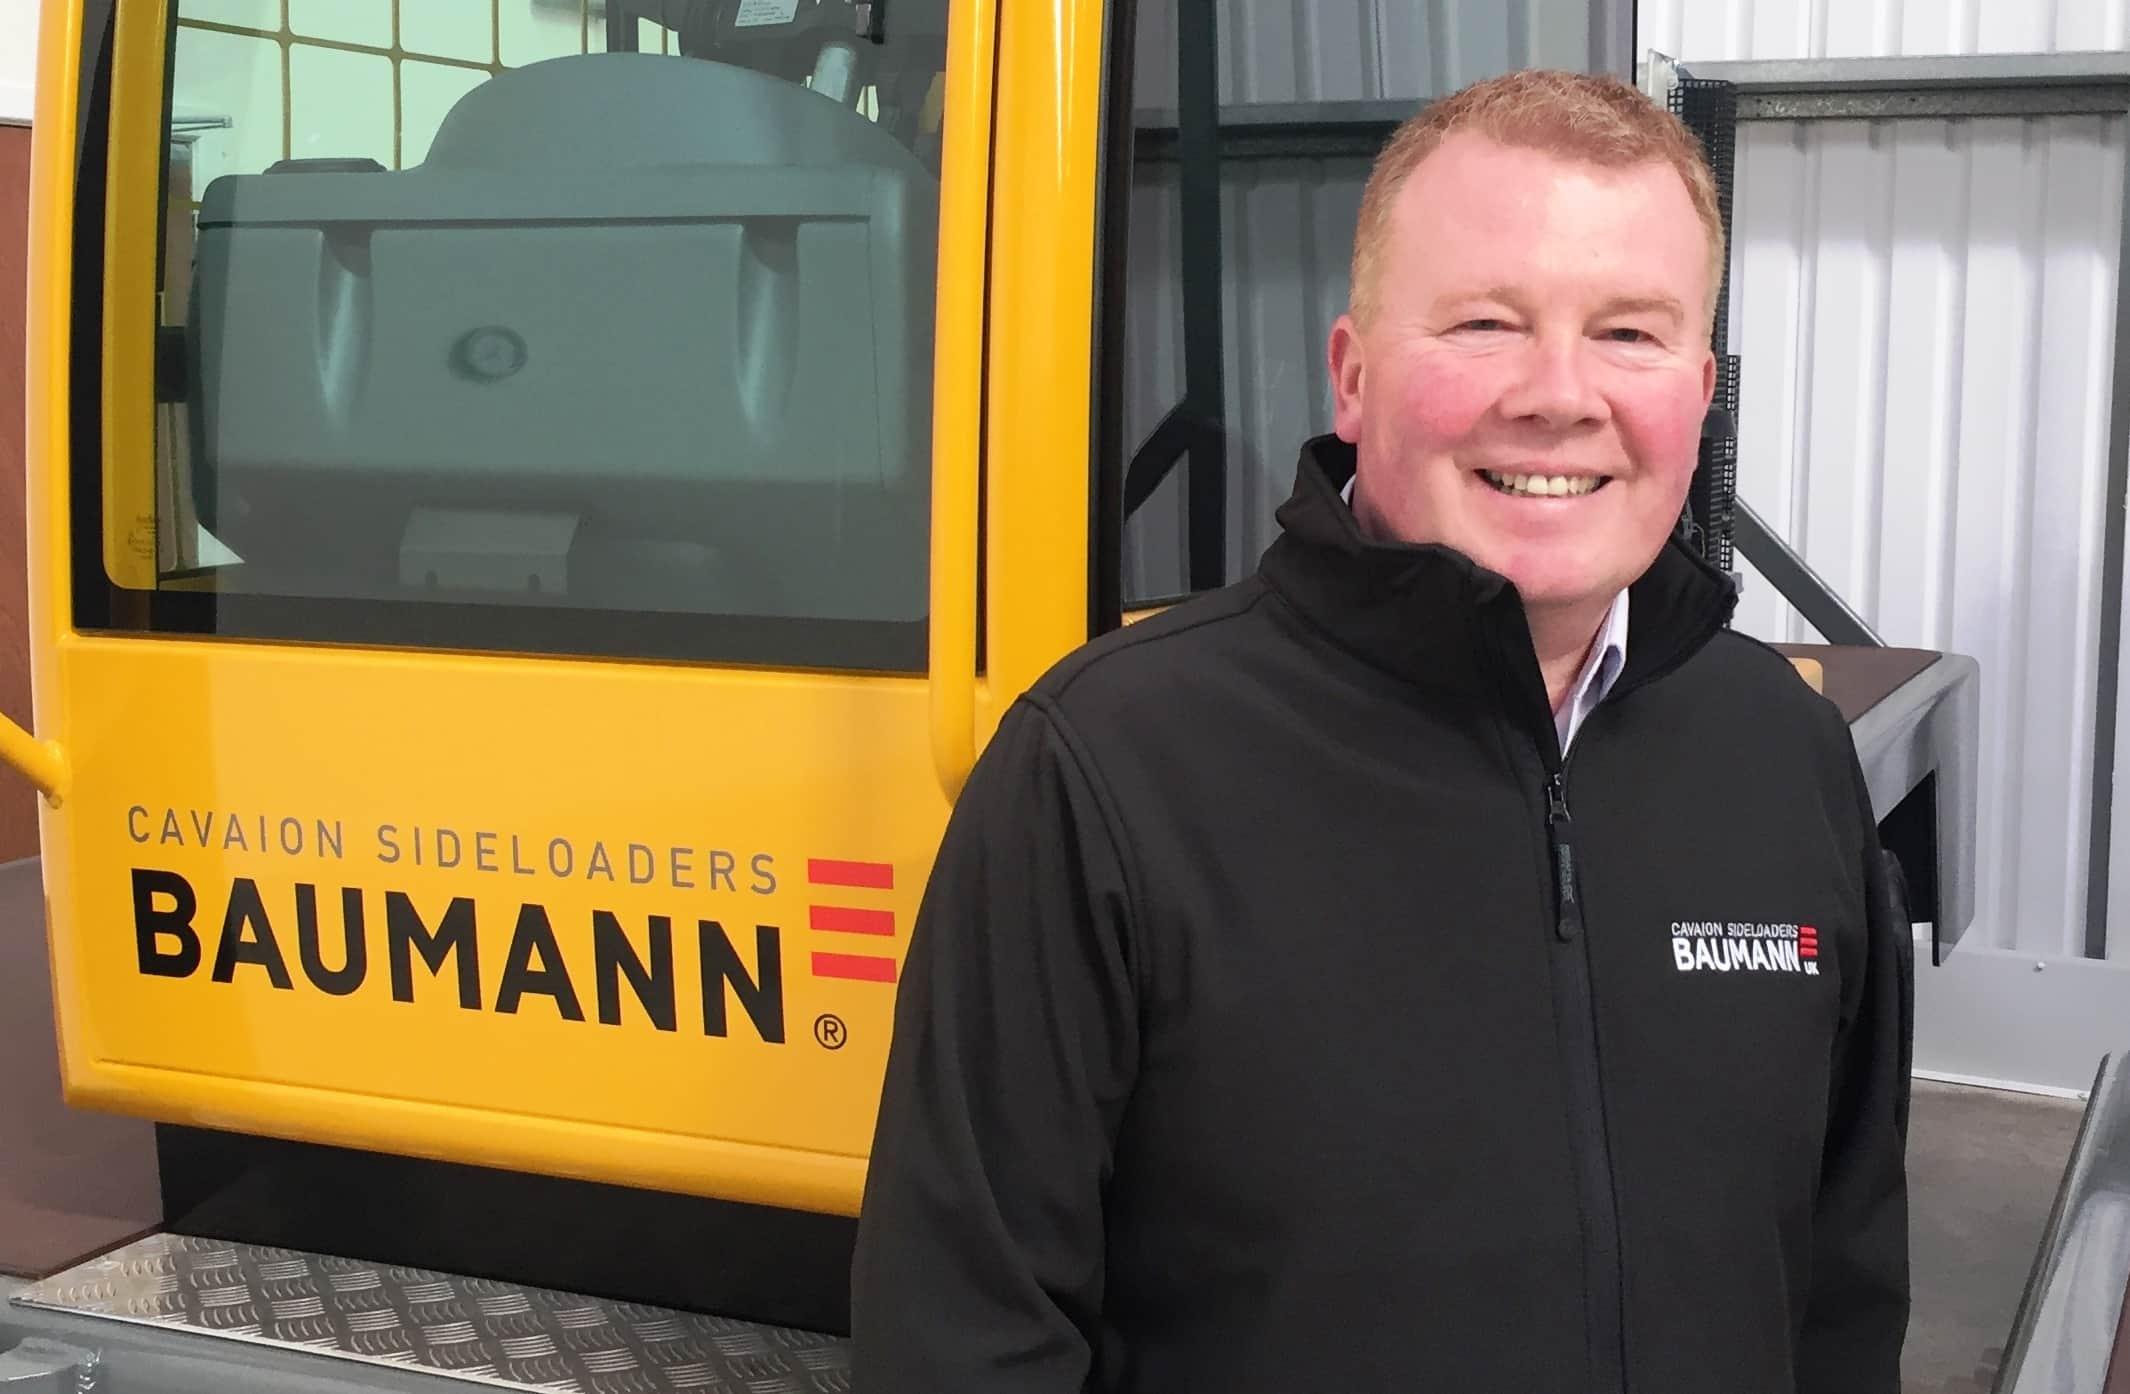 Baumann welcomes new uk dealer manager tb marketing ltd for Baumann co innendekoration